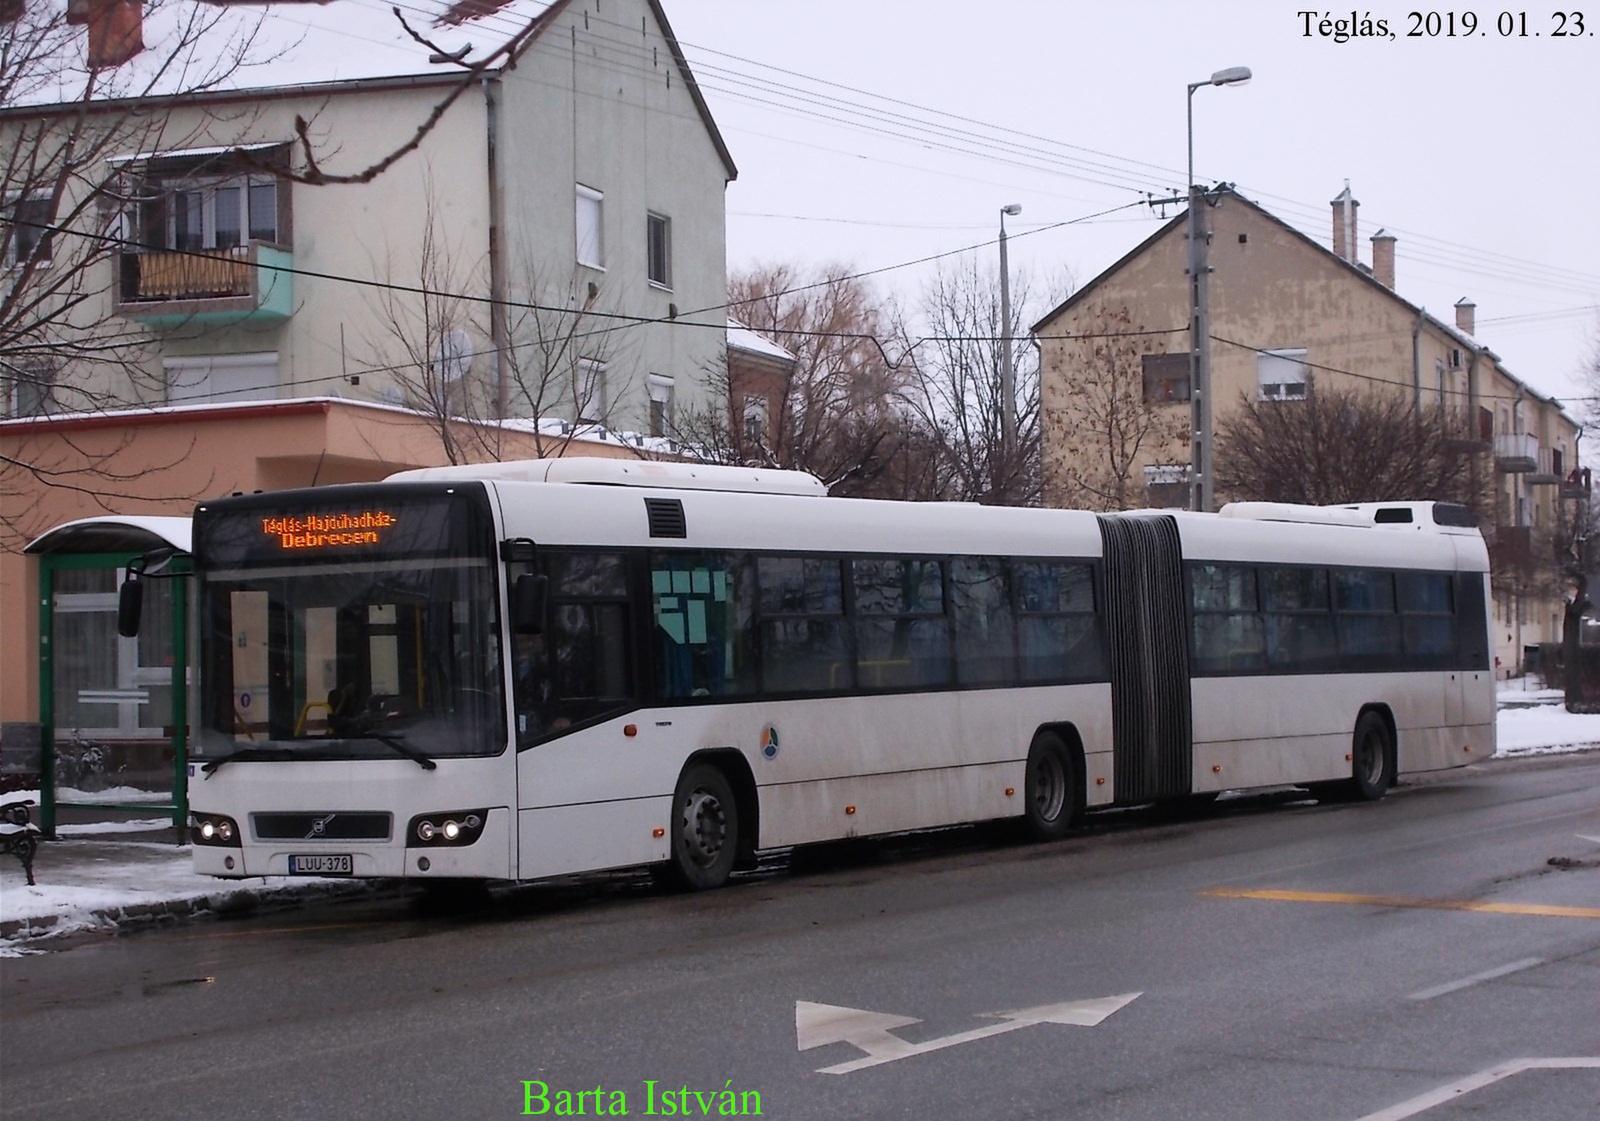 LUU-378-2